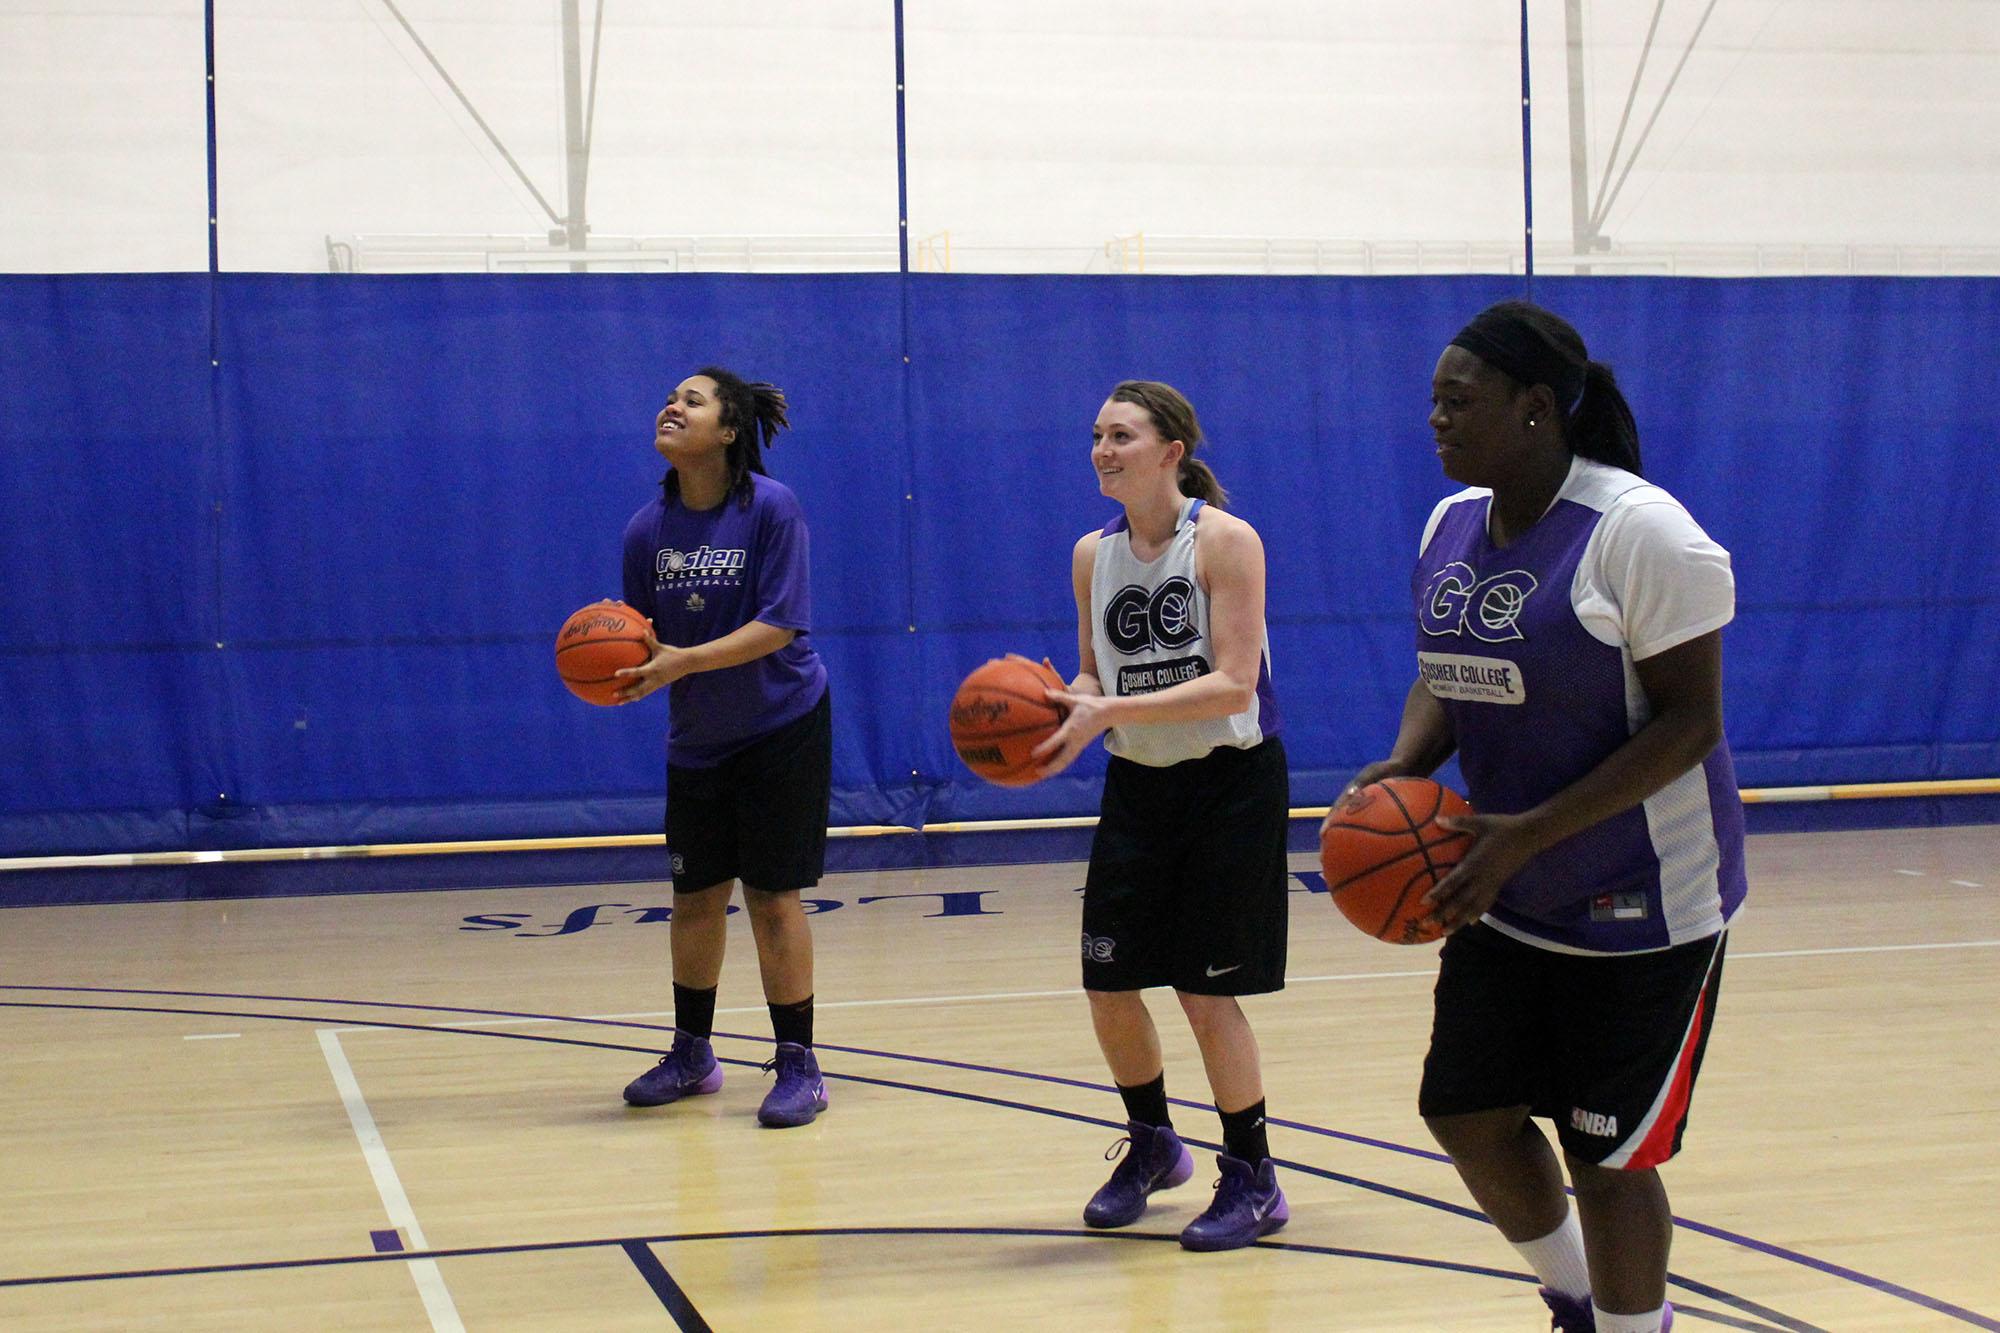 basketball players practice shooting